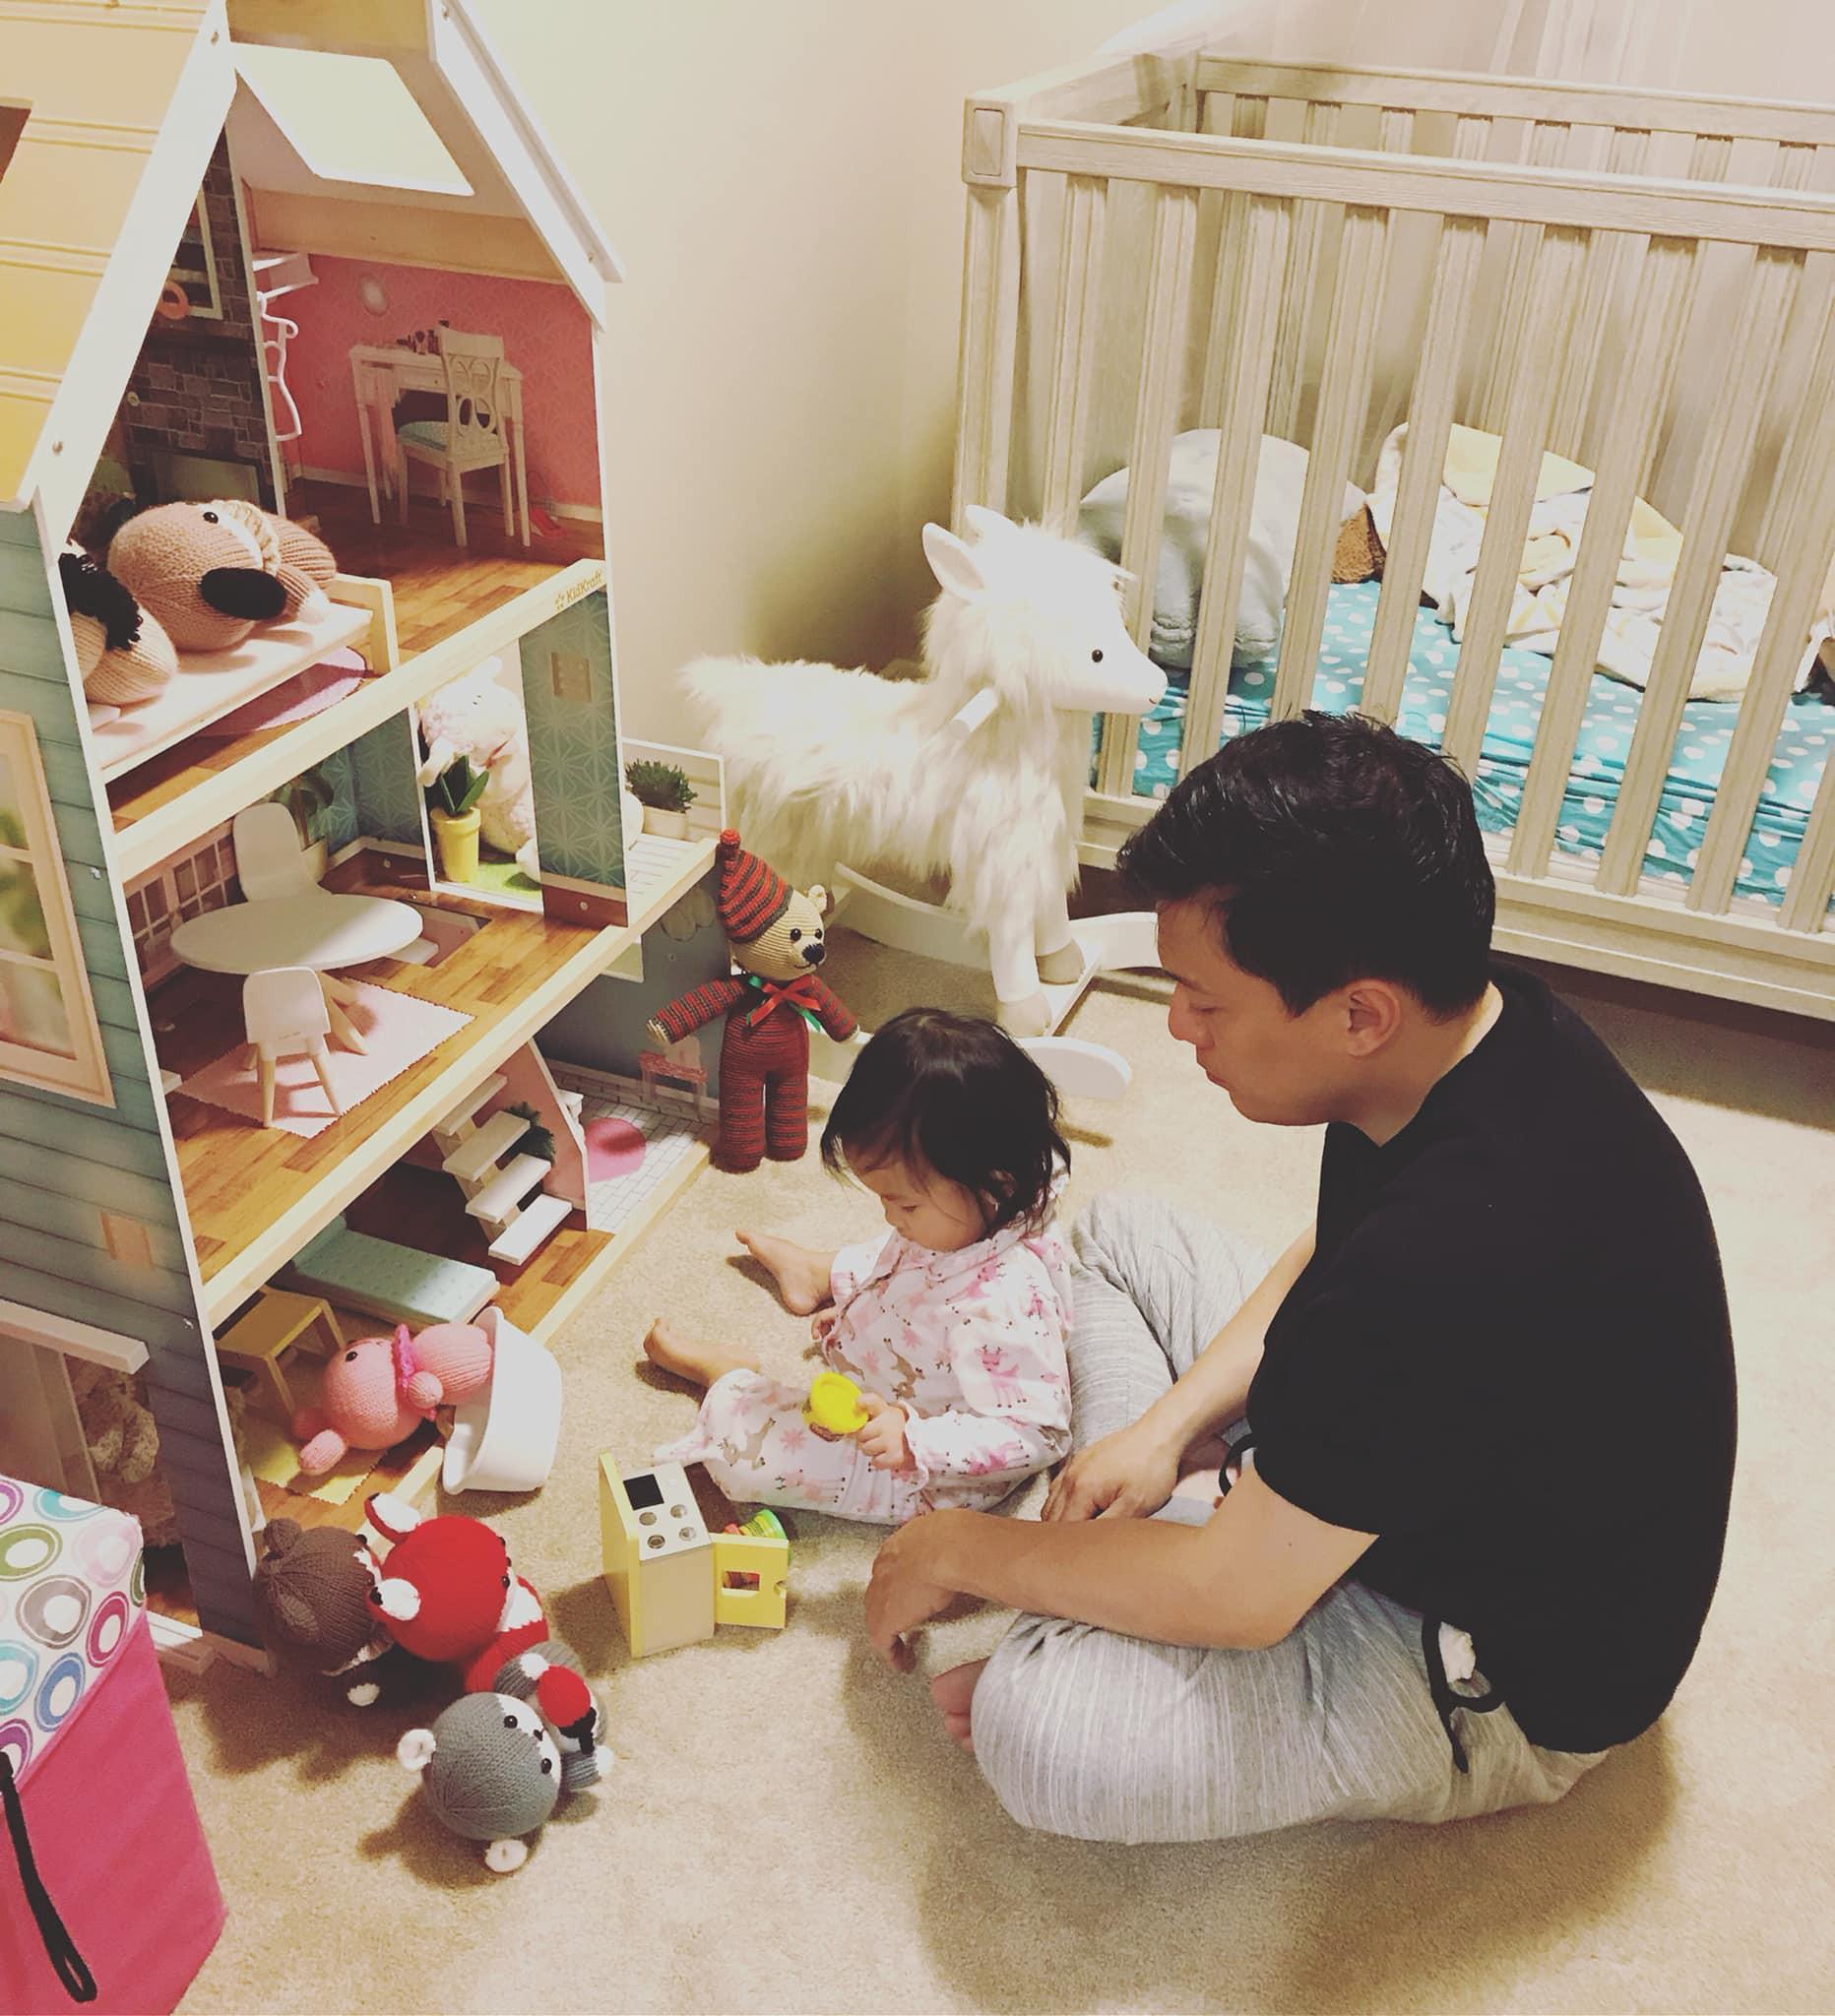 Cuộc sống không như mơ của bà xã sao Việt nơi trời Tây: xa chồng thường xuyên, vừa làm việc vừa chăm sóc con nhỏ - Ảnh 6.